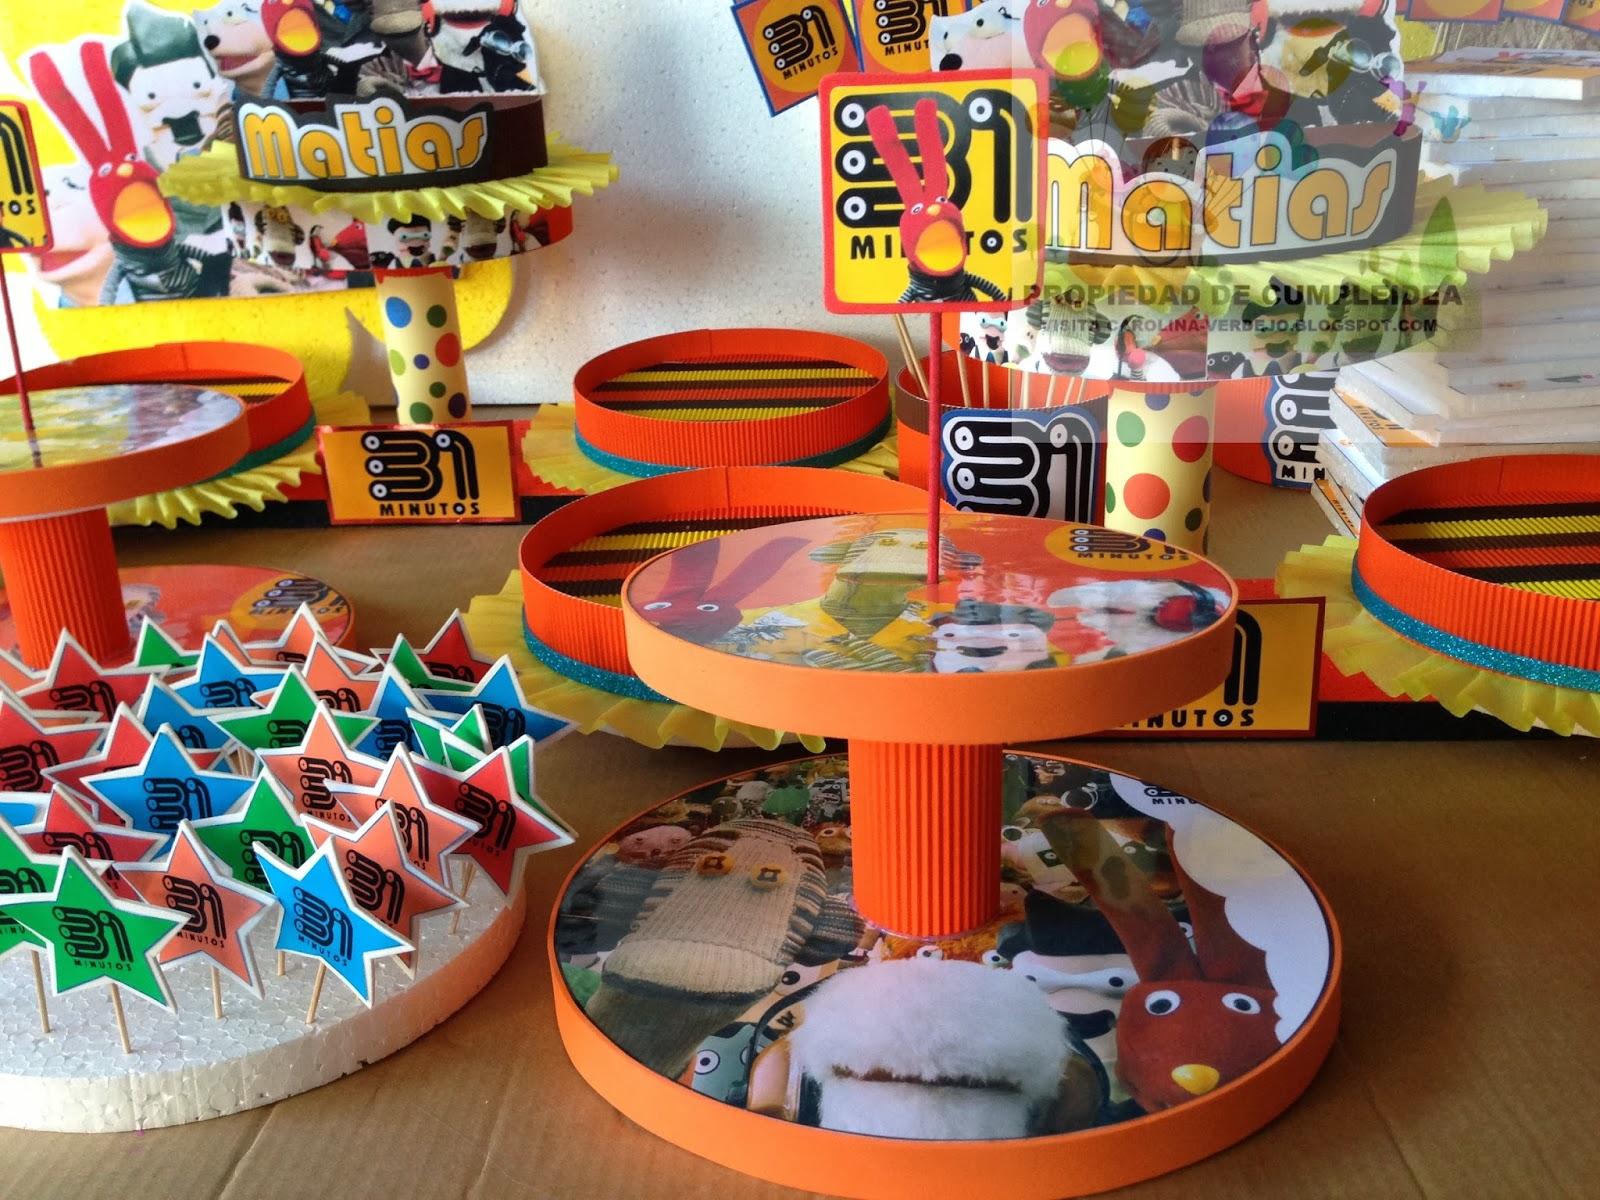 Decoraciones infantiles - Blog decoracion infantil ...